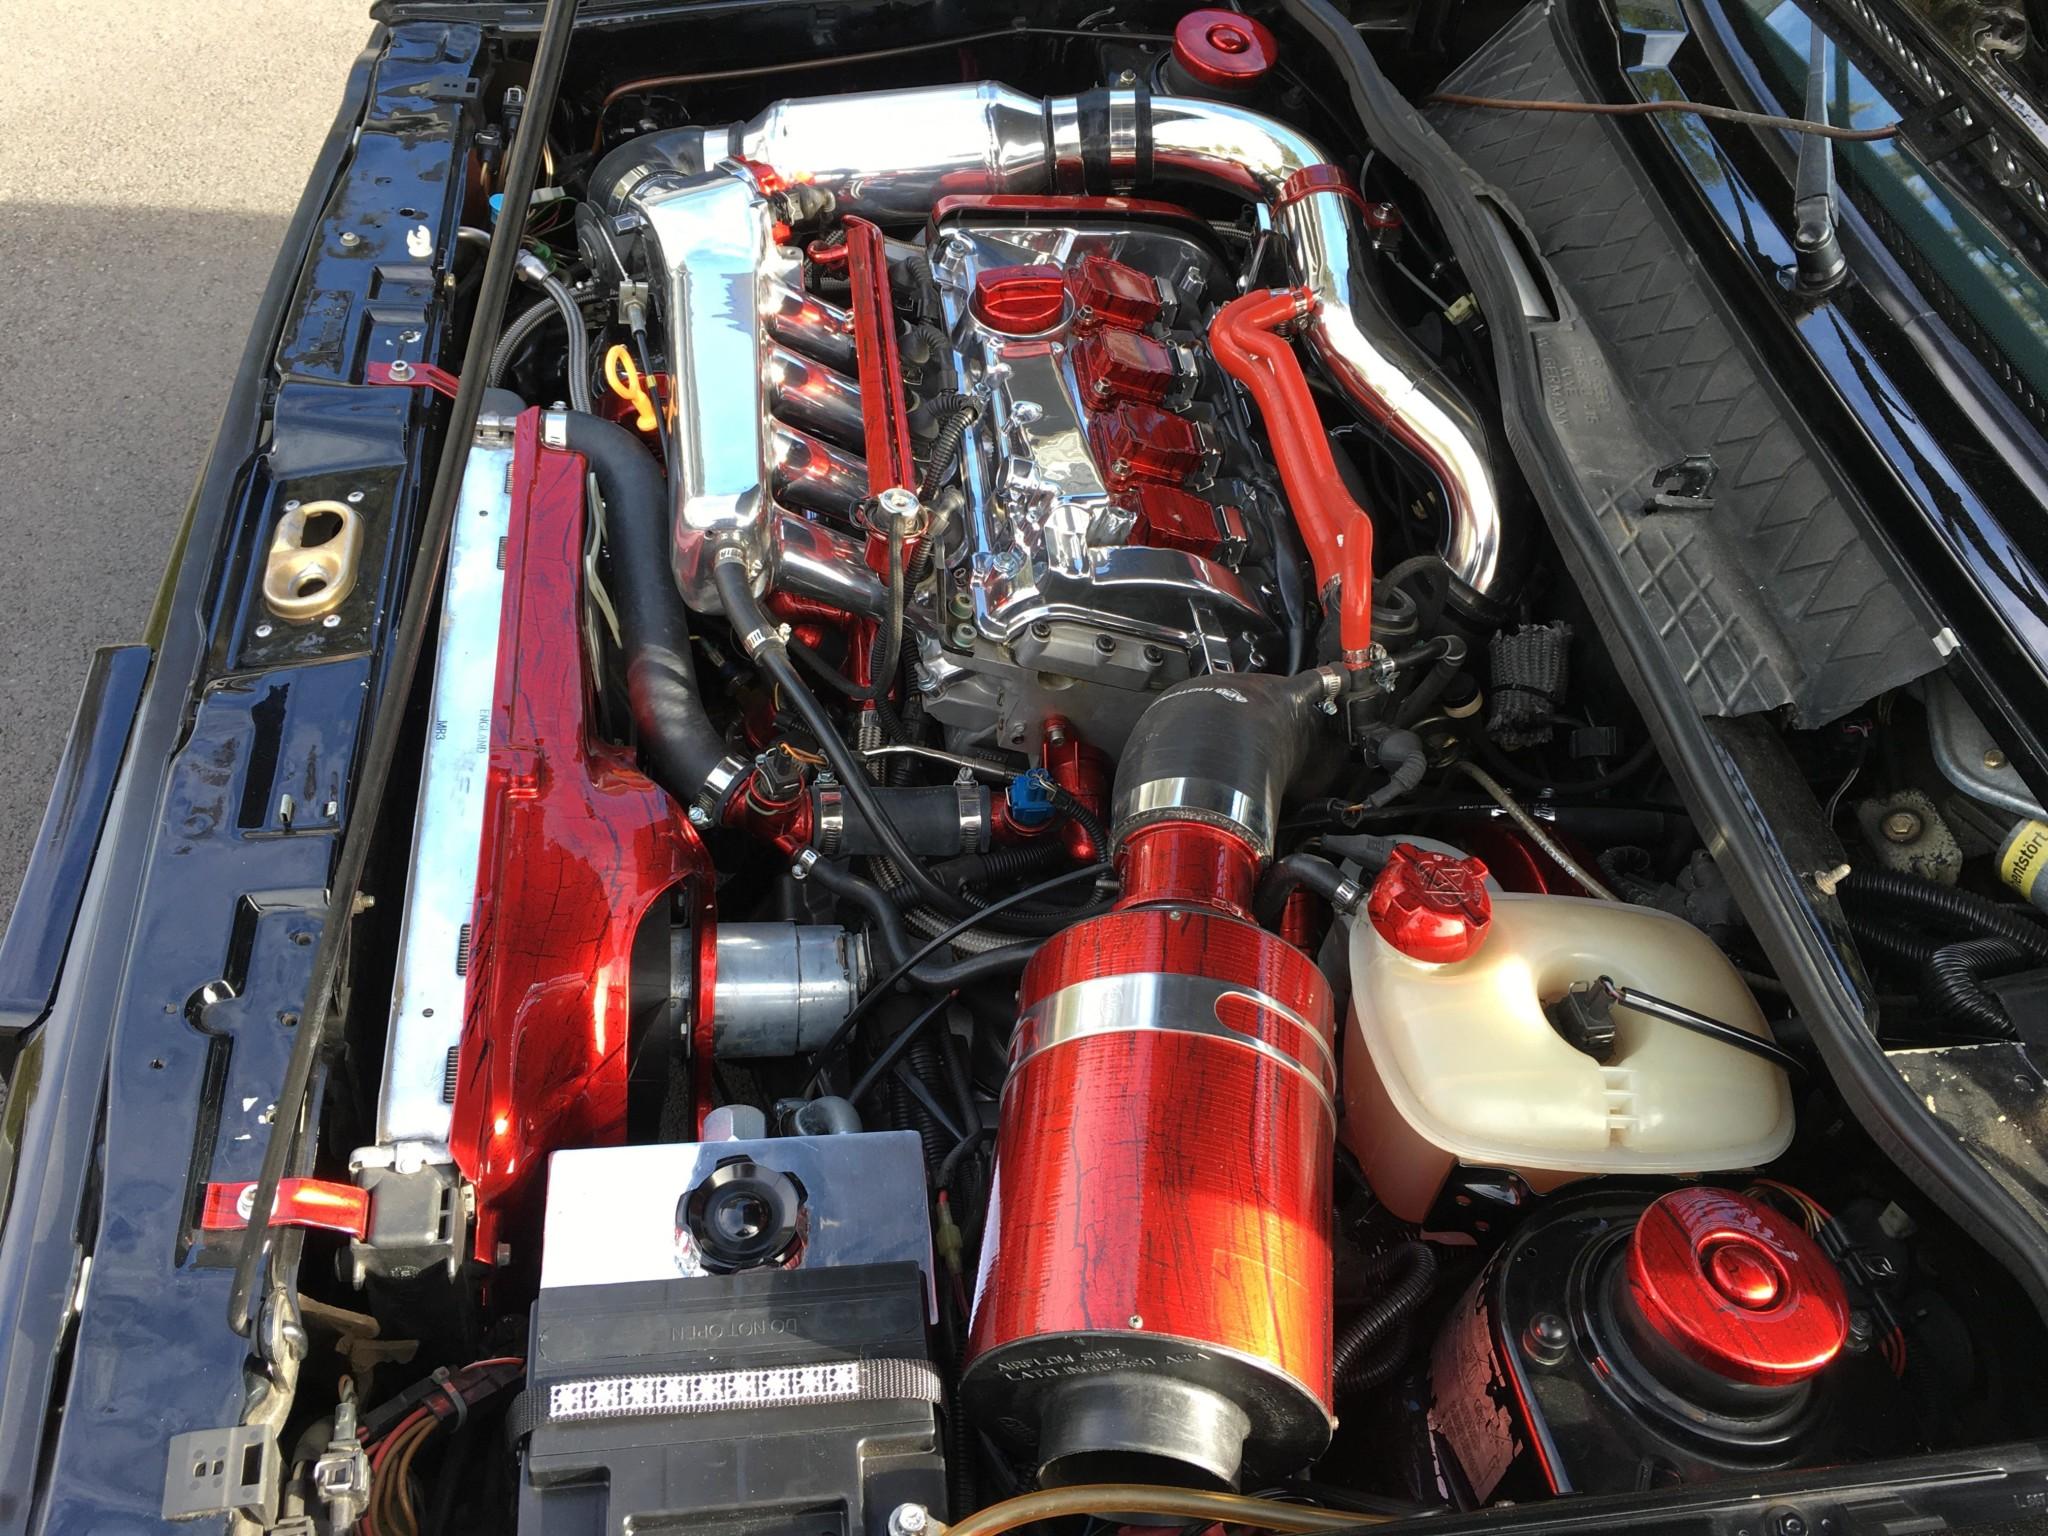 1990_volkswagen_cabriolet_1582848503b07becc9224bEE5EB892-F341-48DA-8D3C-9B5D1004DE37